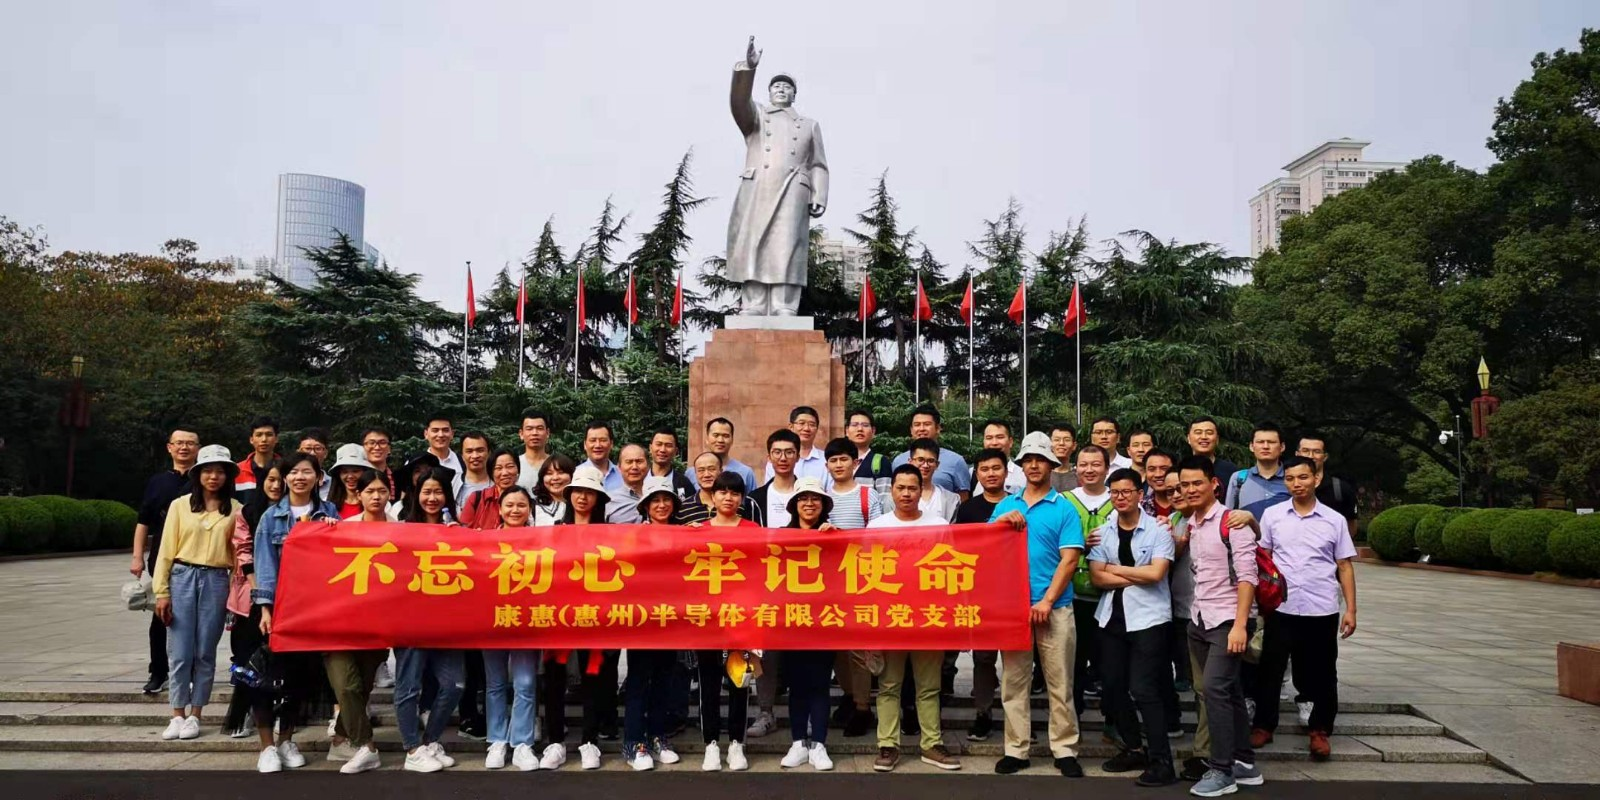 中共湘区委员会旧址-清水塘广场.jpg